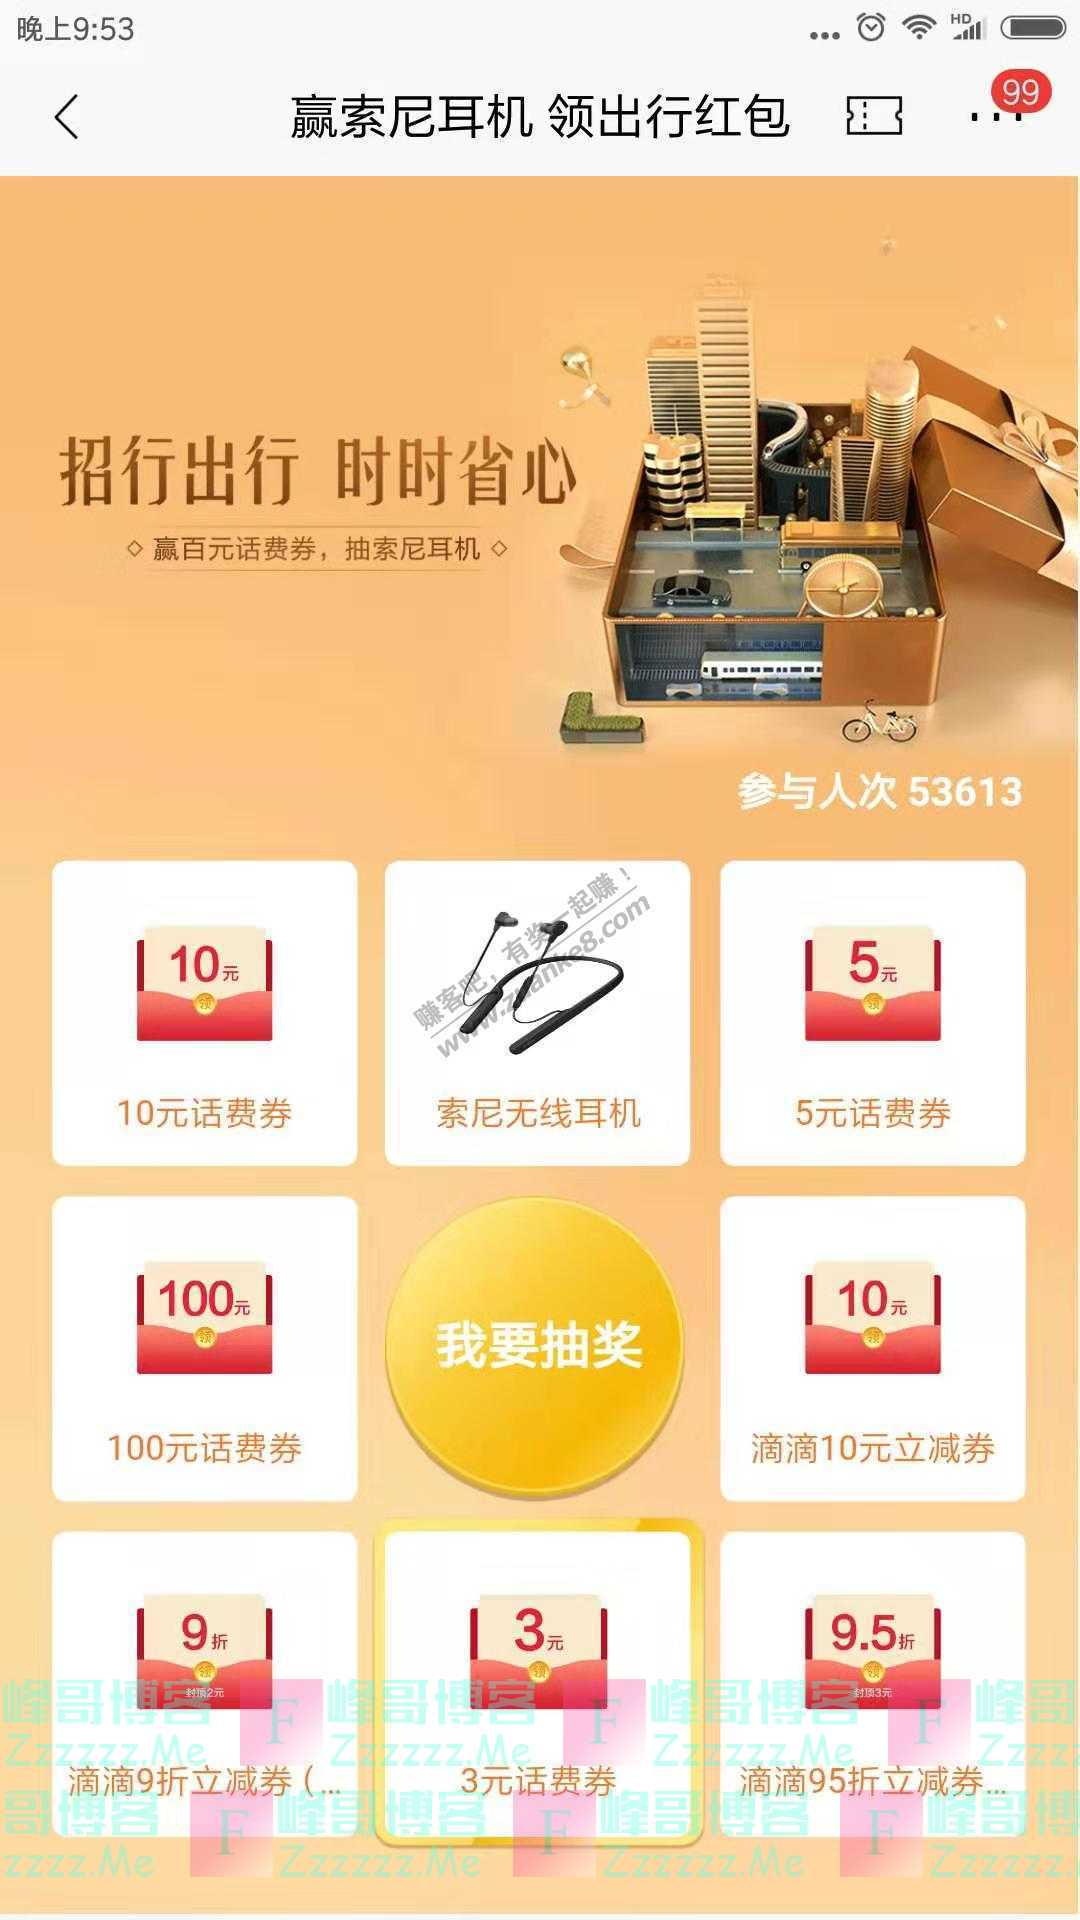 招商银行app赢索尼耳机领出行红包(截止12月31日)